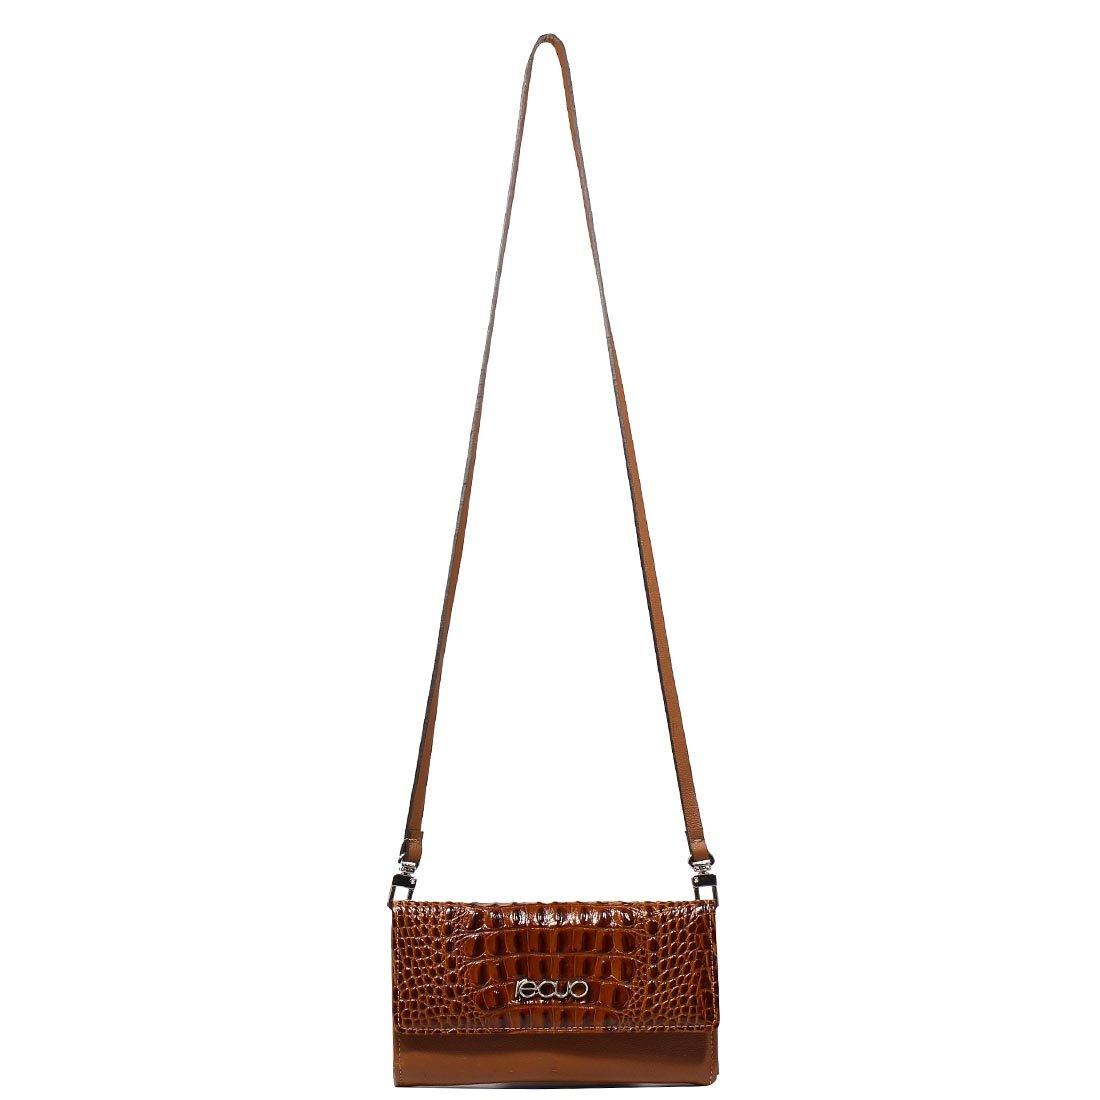 d7542bcd898f4 Loja Recuo Fashion Bag | Bolsas em Couro Legítimo | Pesquisa